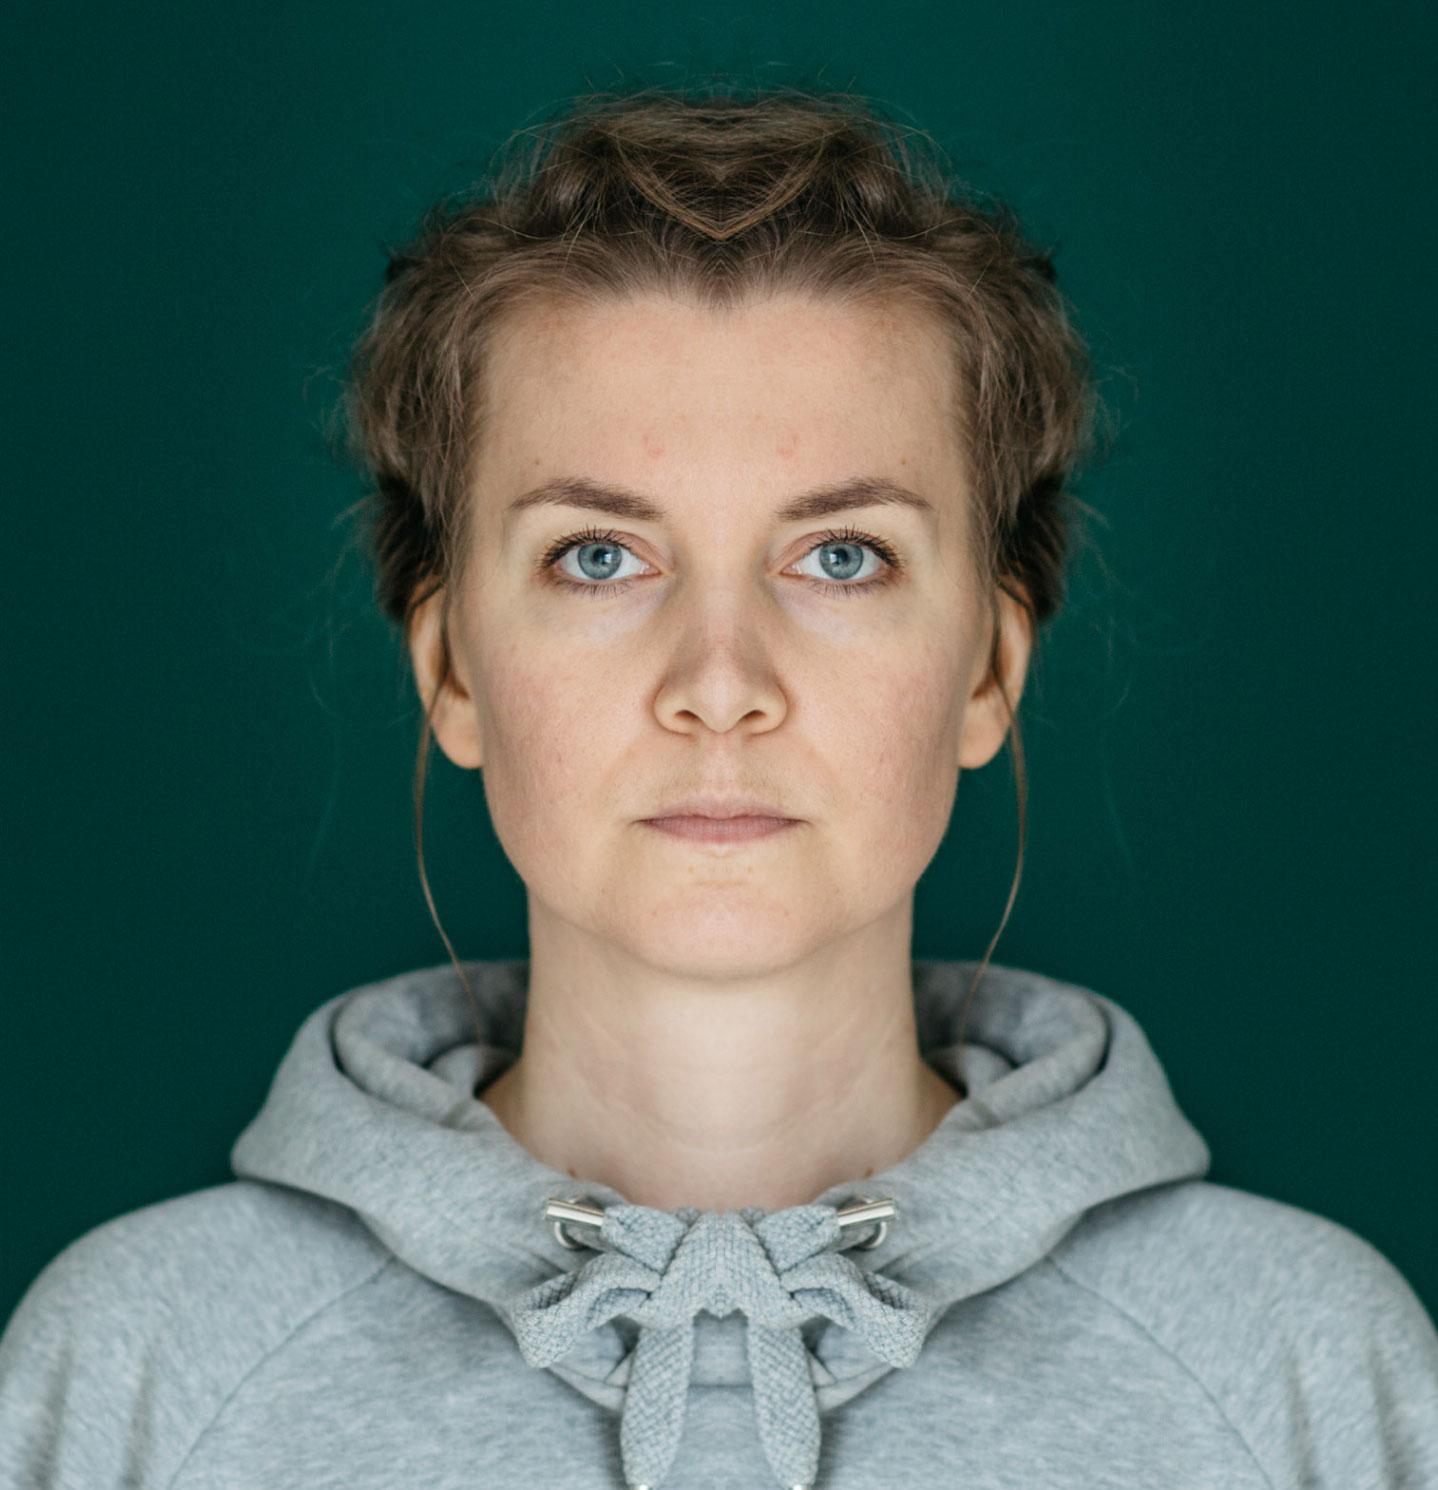 Epäsymmetristen kasvojen huumori - Studio Metsä